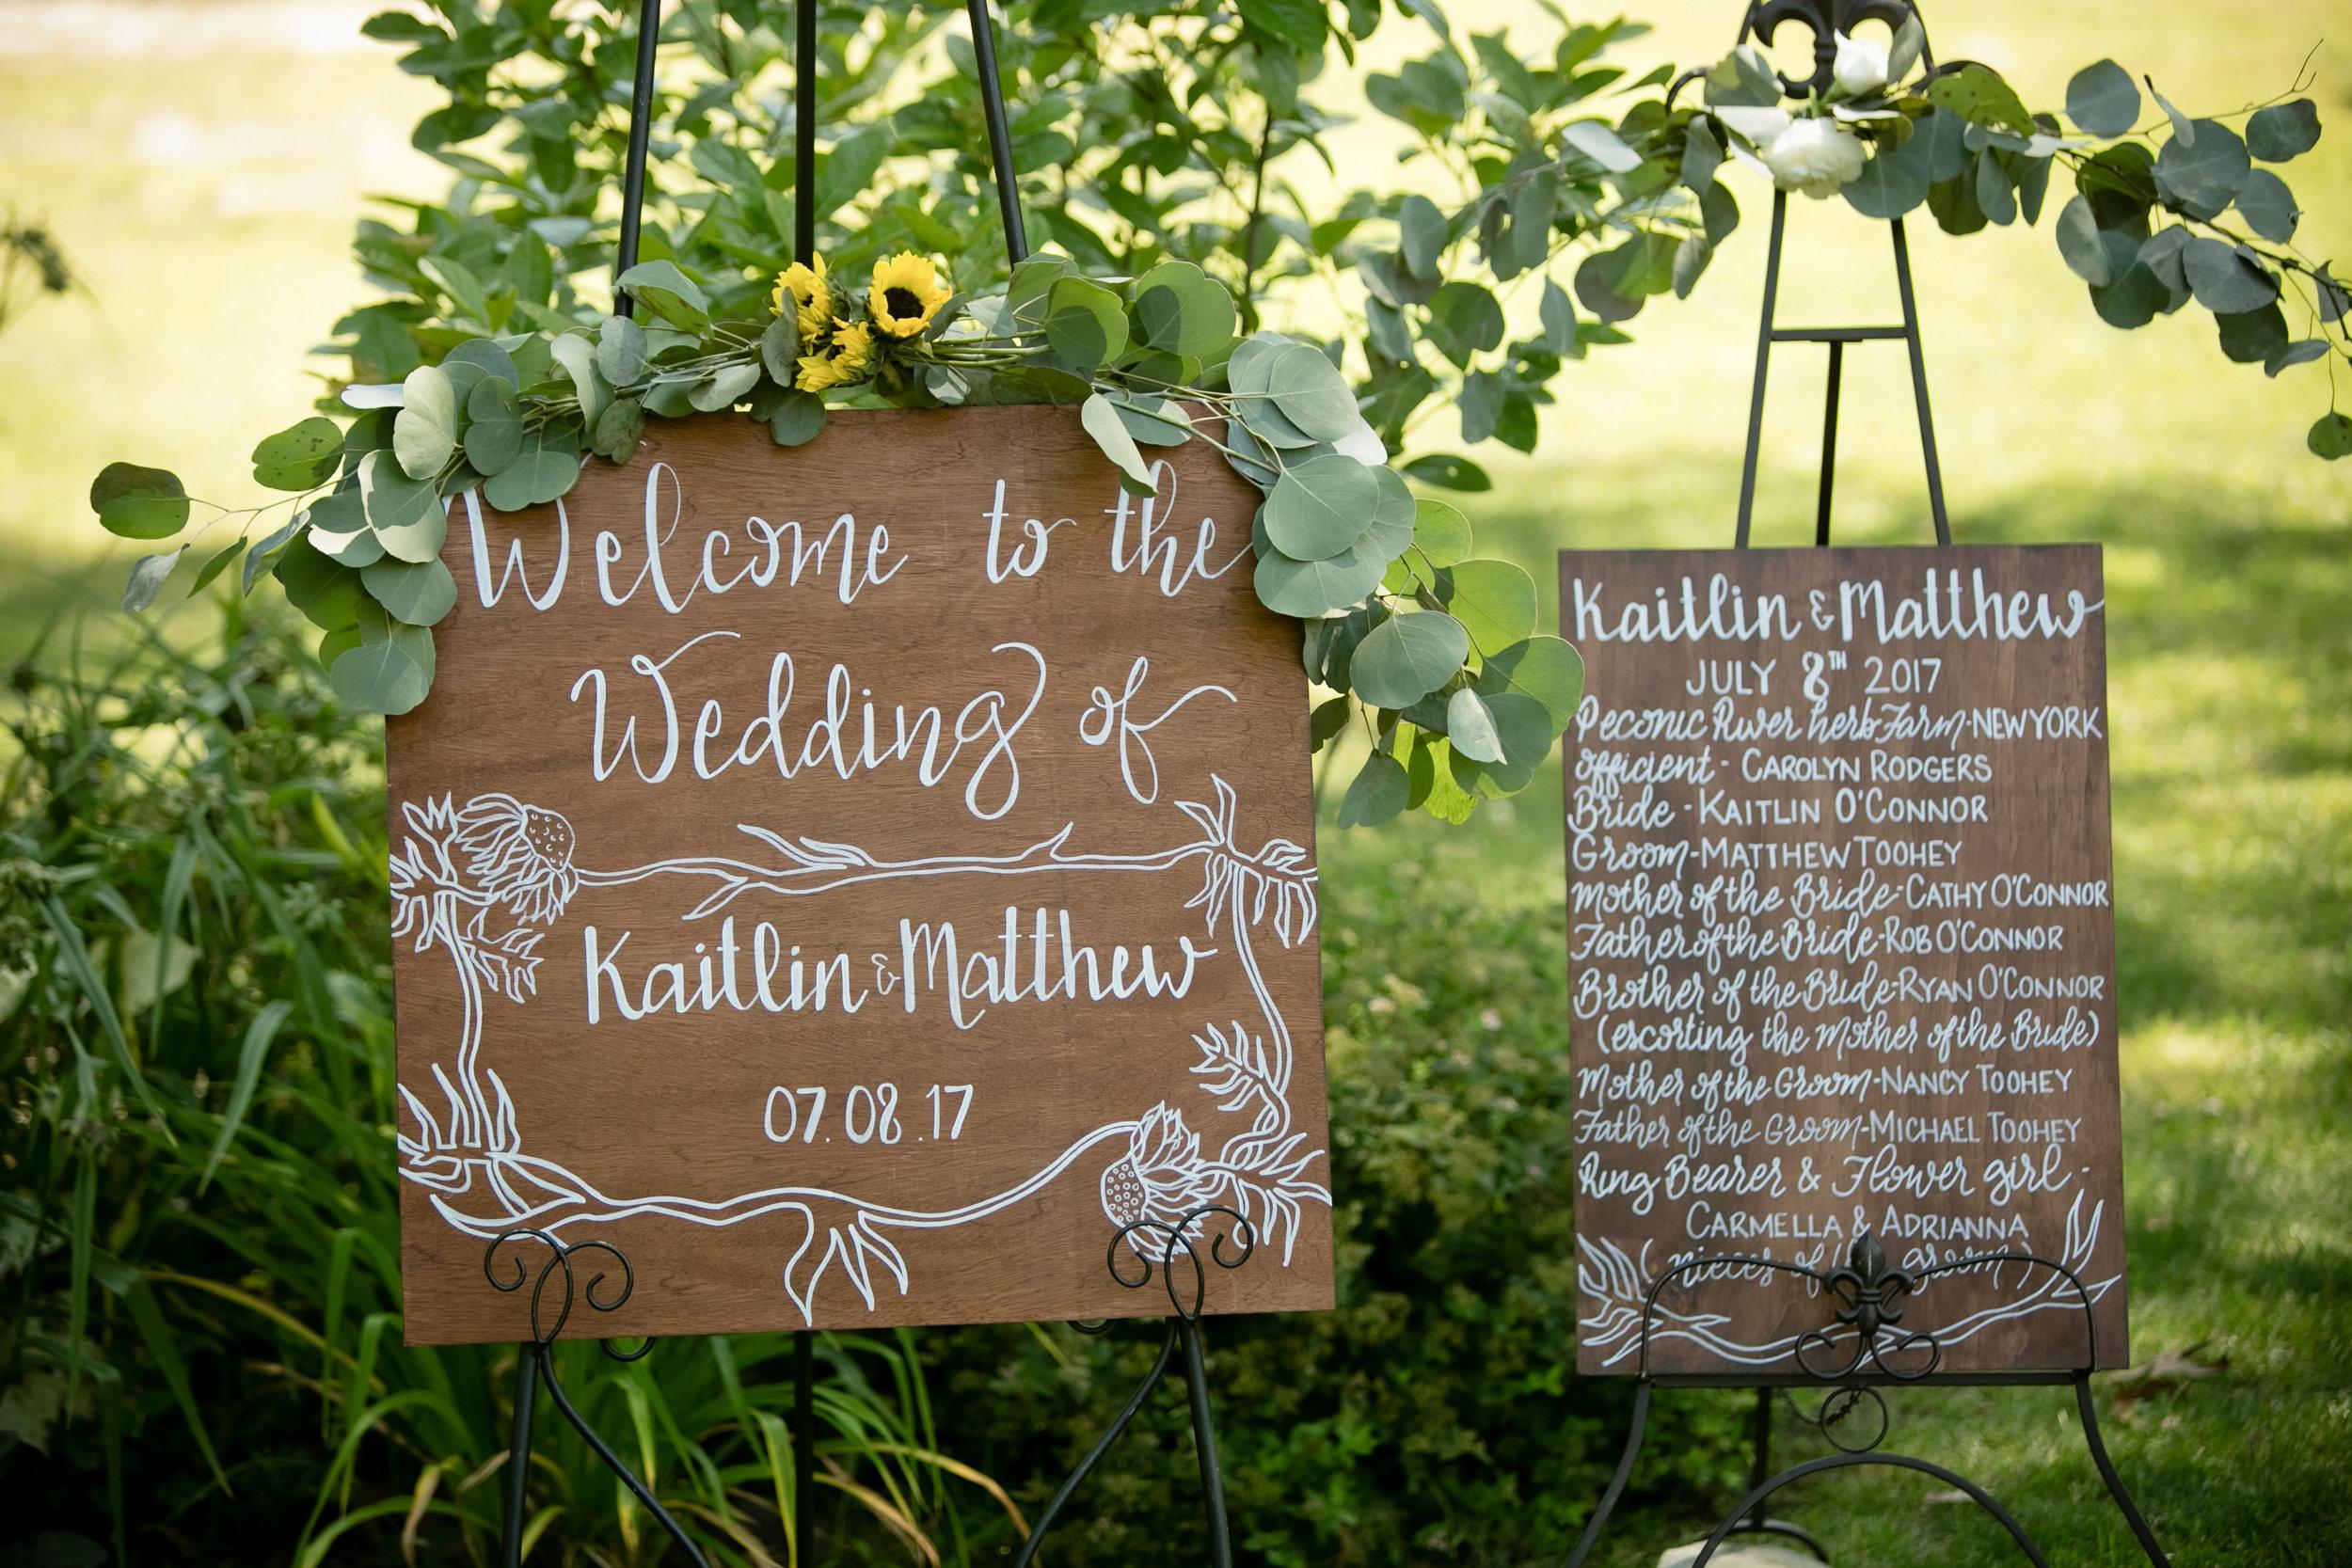 KM Wedding Photos By Lotus Weddings 0205.jpg